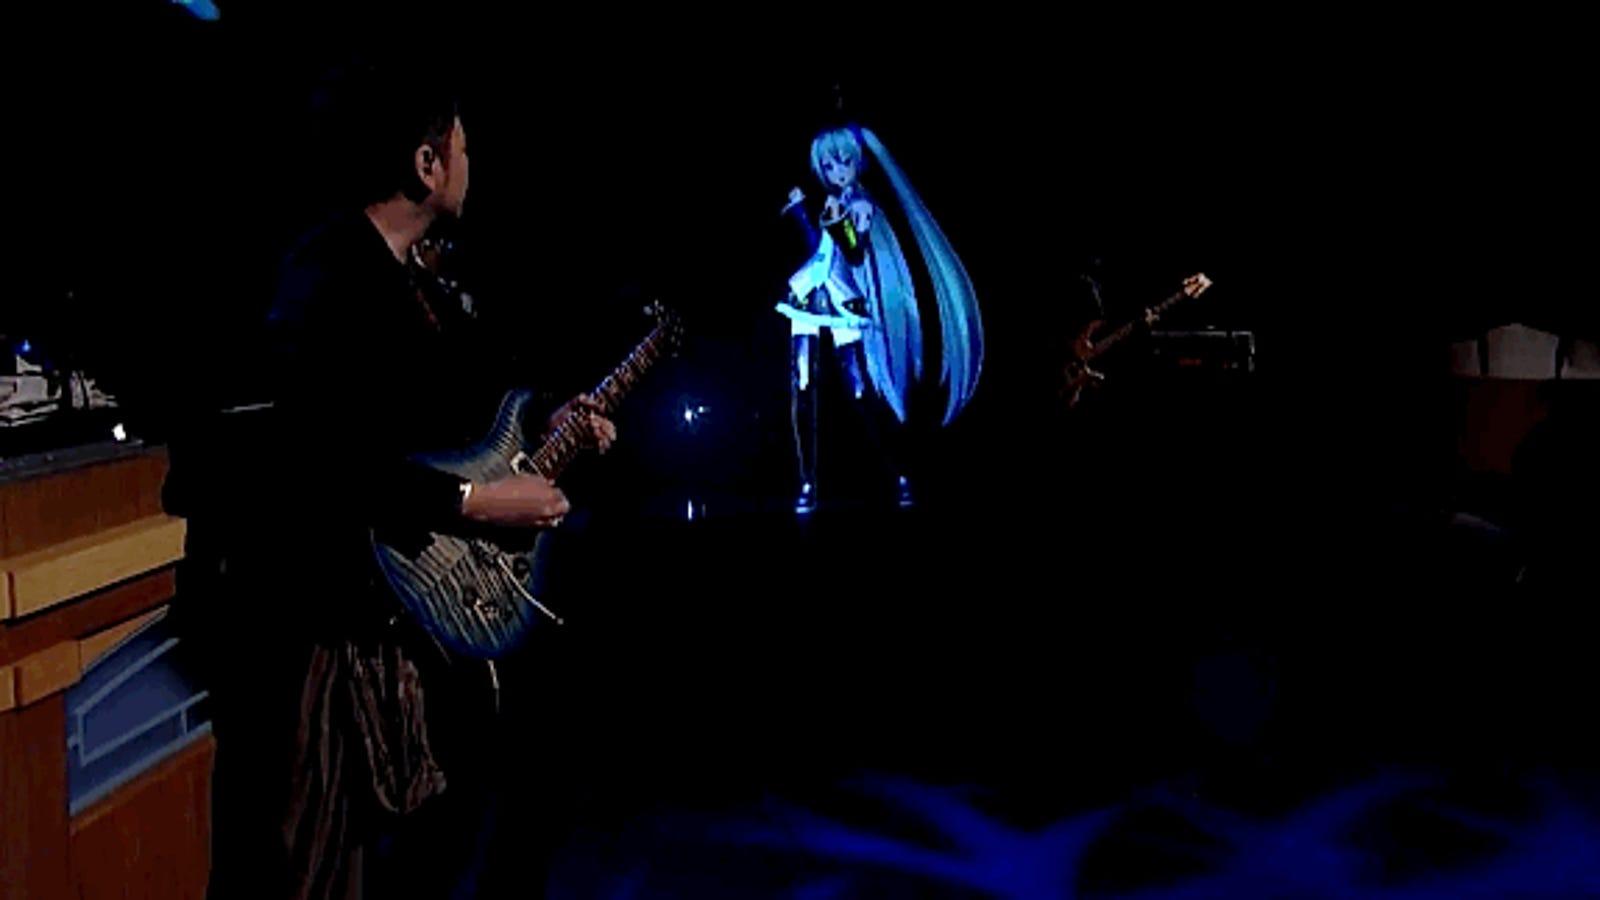 Recrean en directo a la pop-star virtual japonesa Hatsune Miku